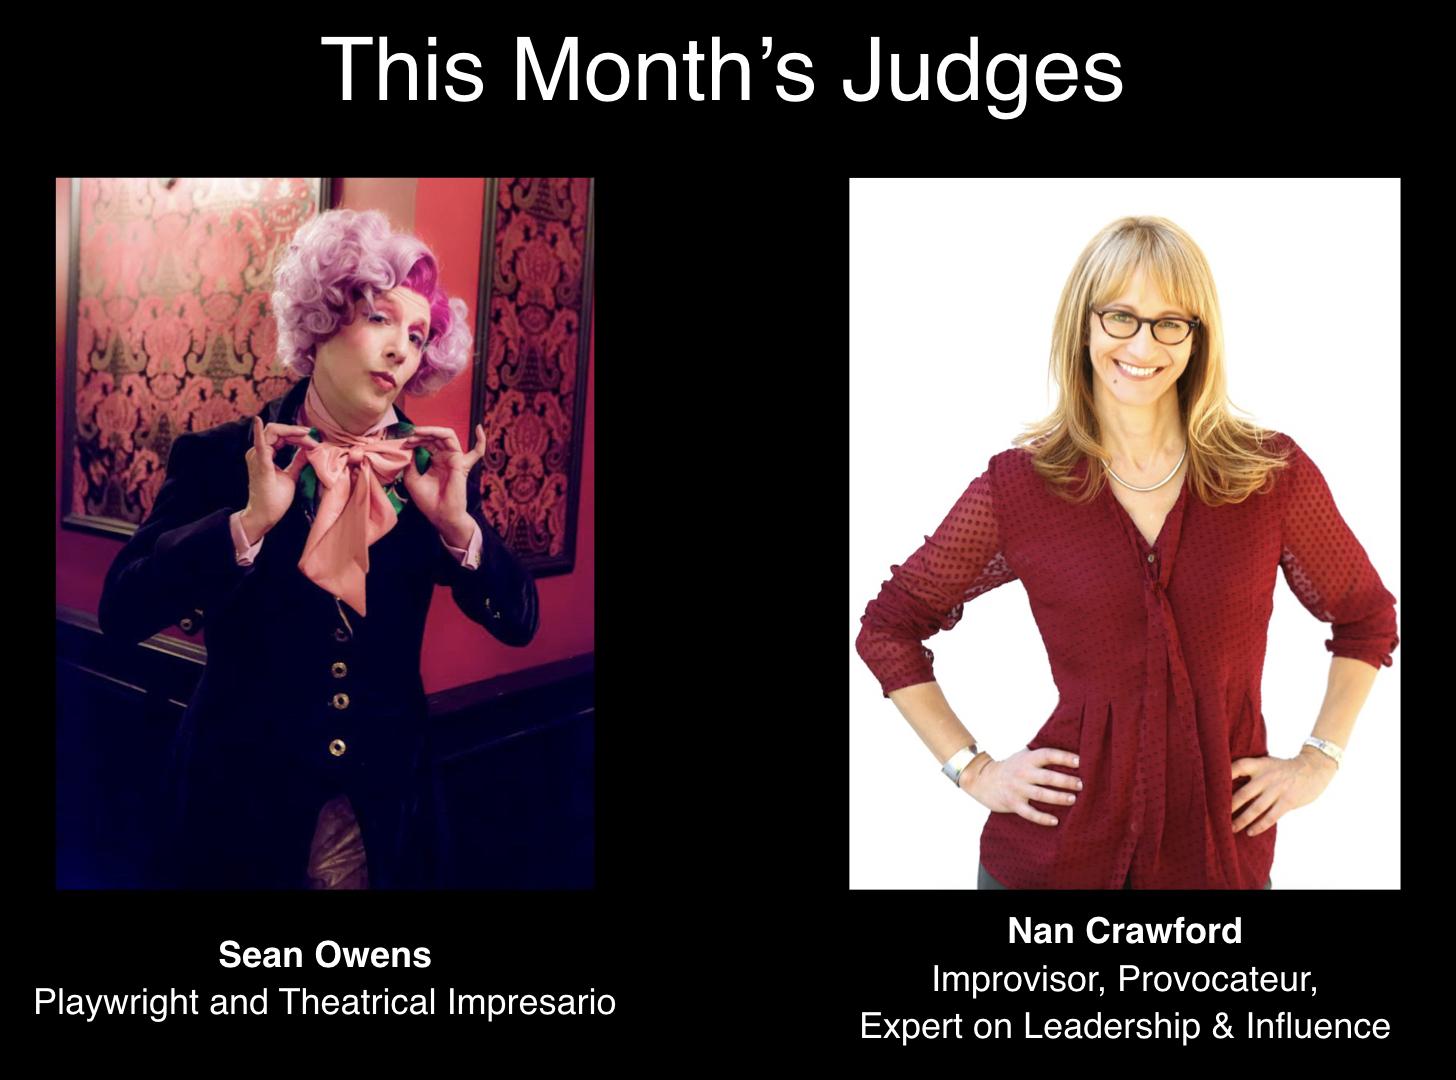 April Judges: Sean Owens and Nan Crawford